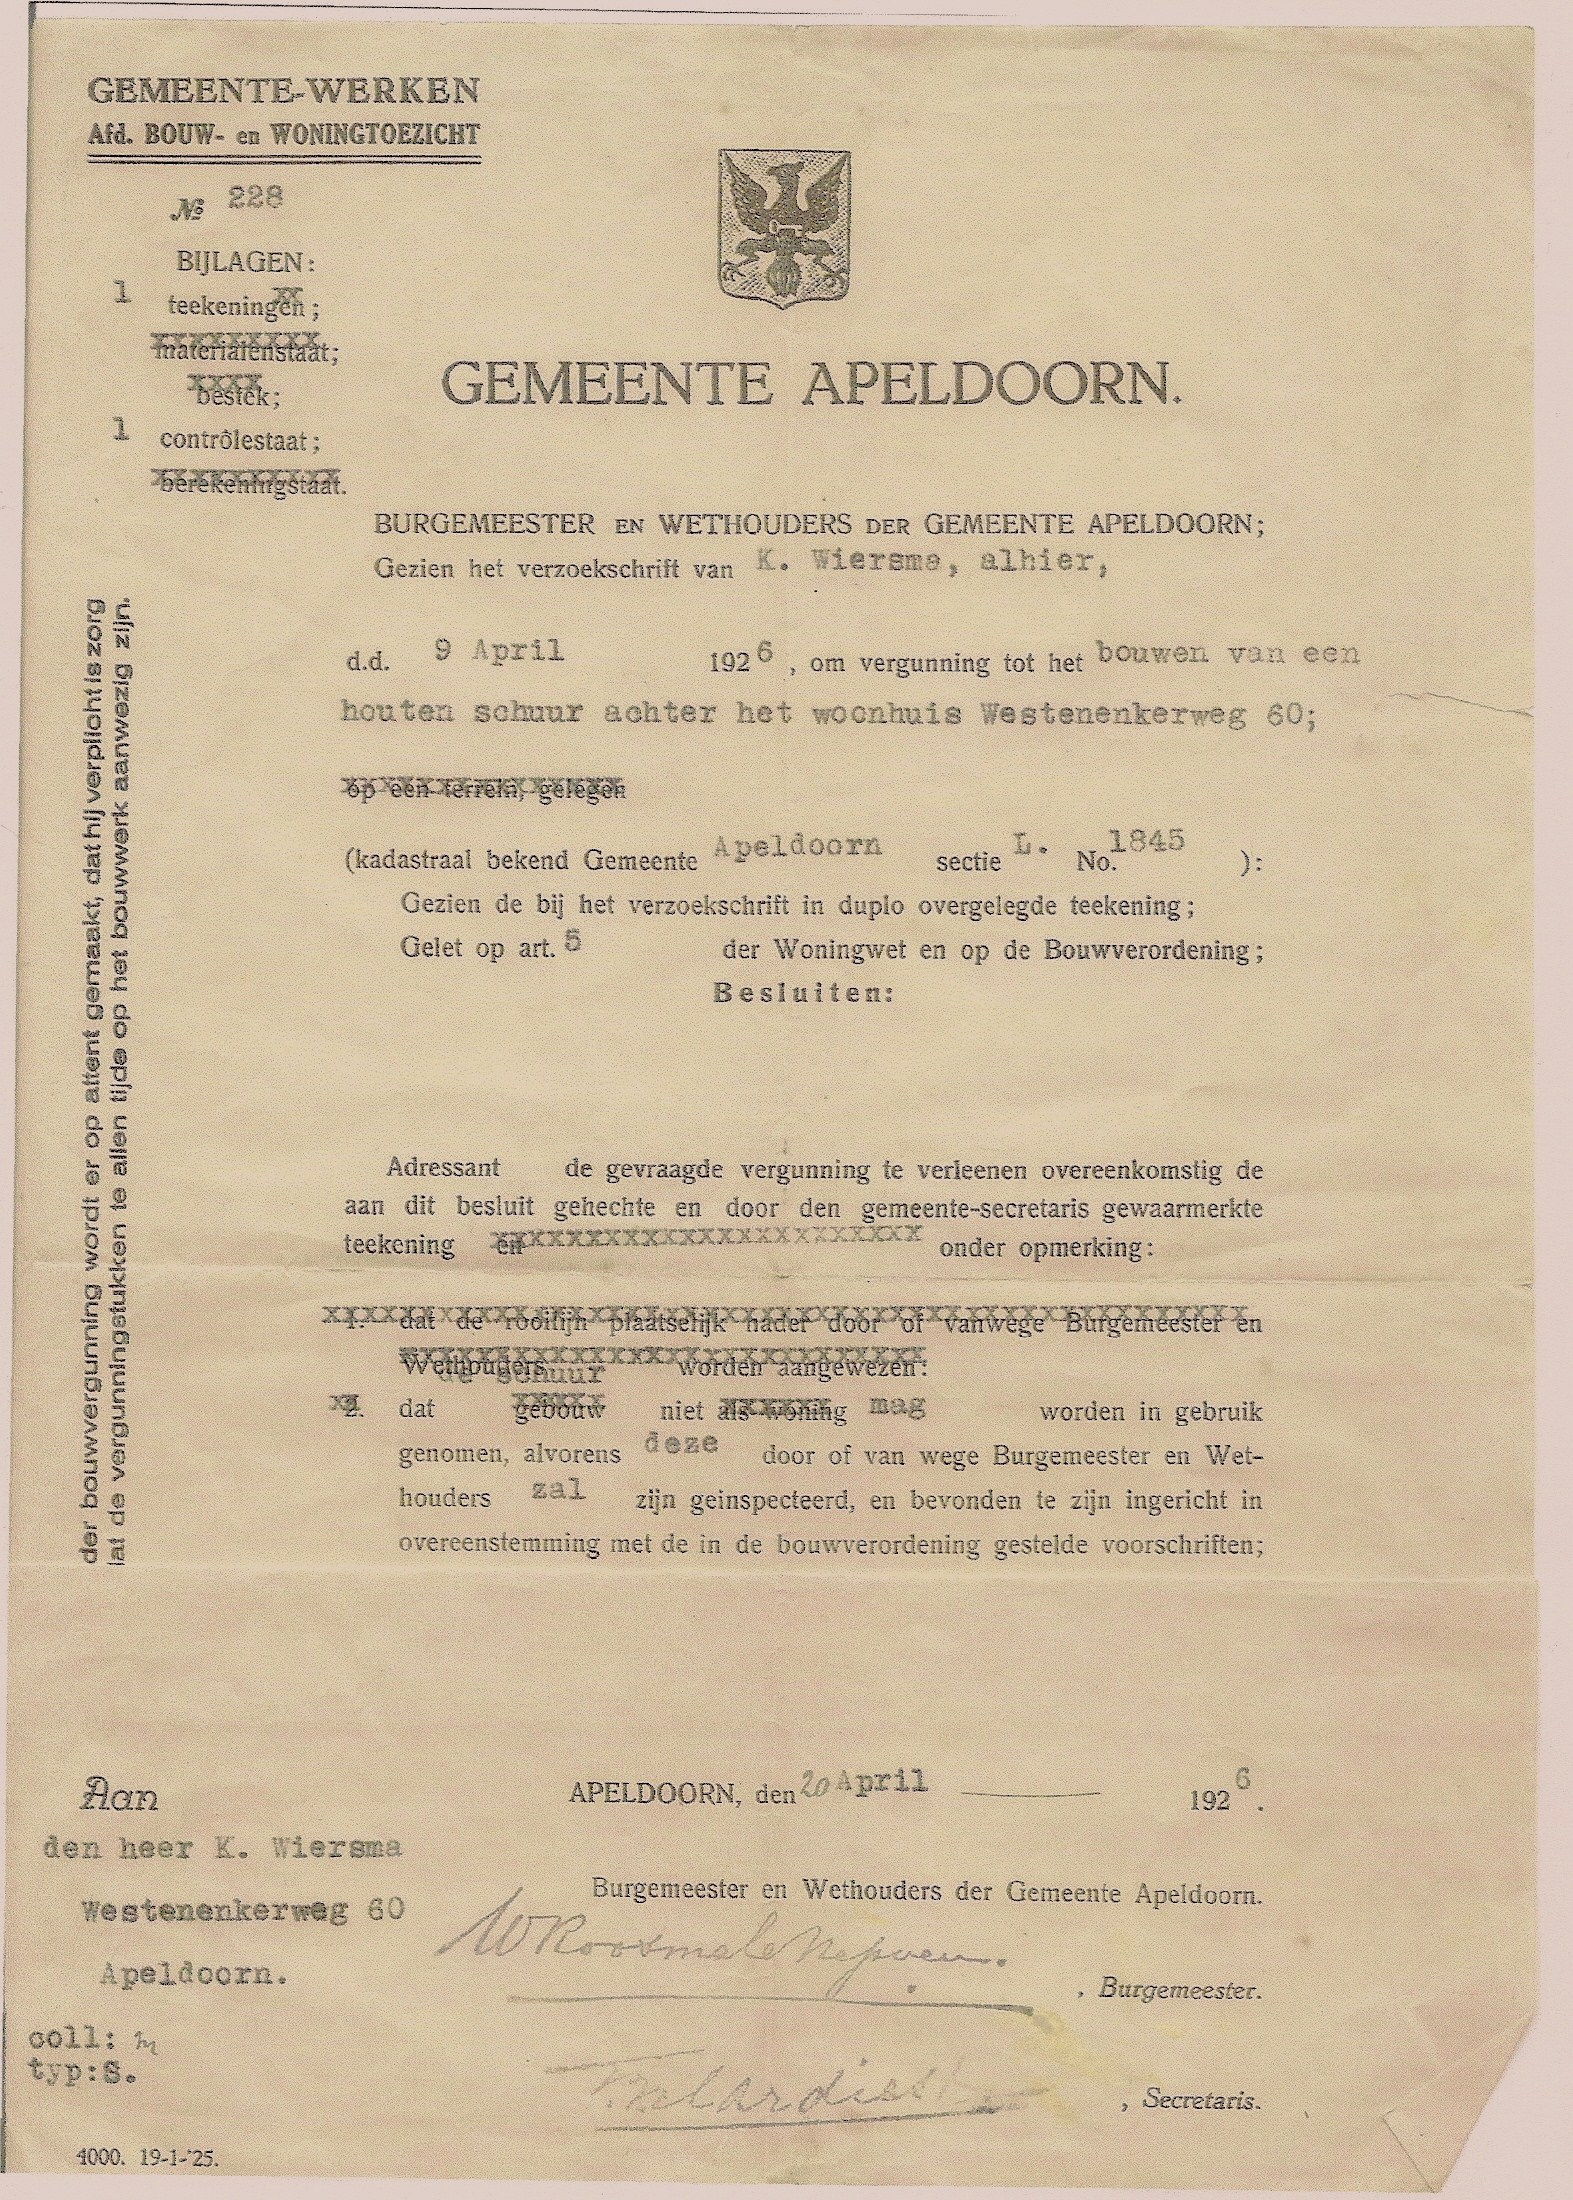 9013 Vergunning Schuur  nr; 60 jaar 1926